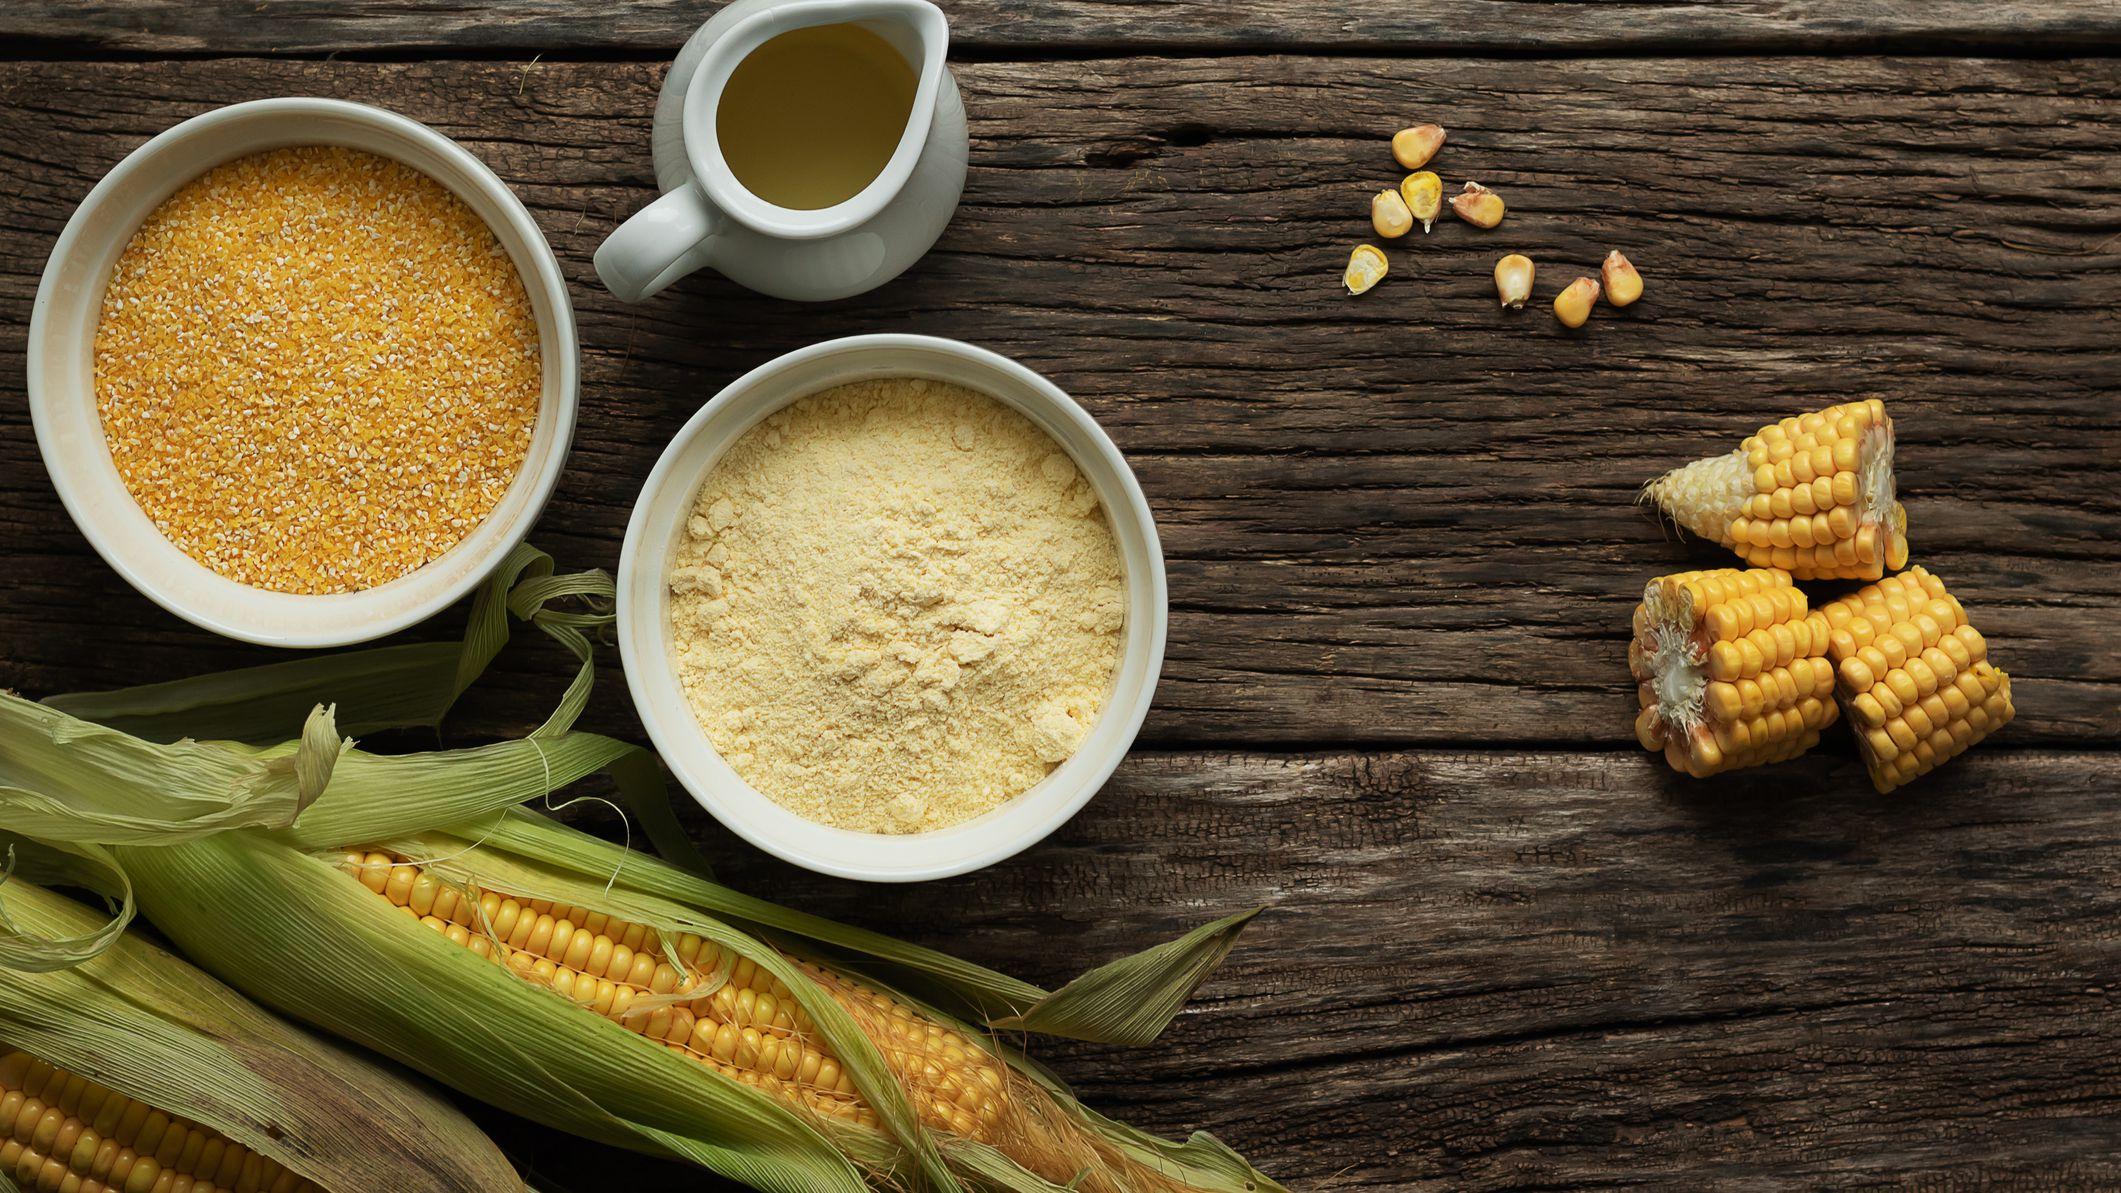 Cornmeal Vs Grits Vs Polenta